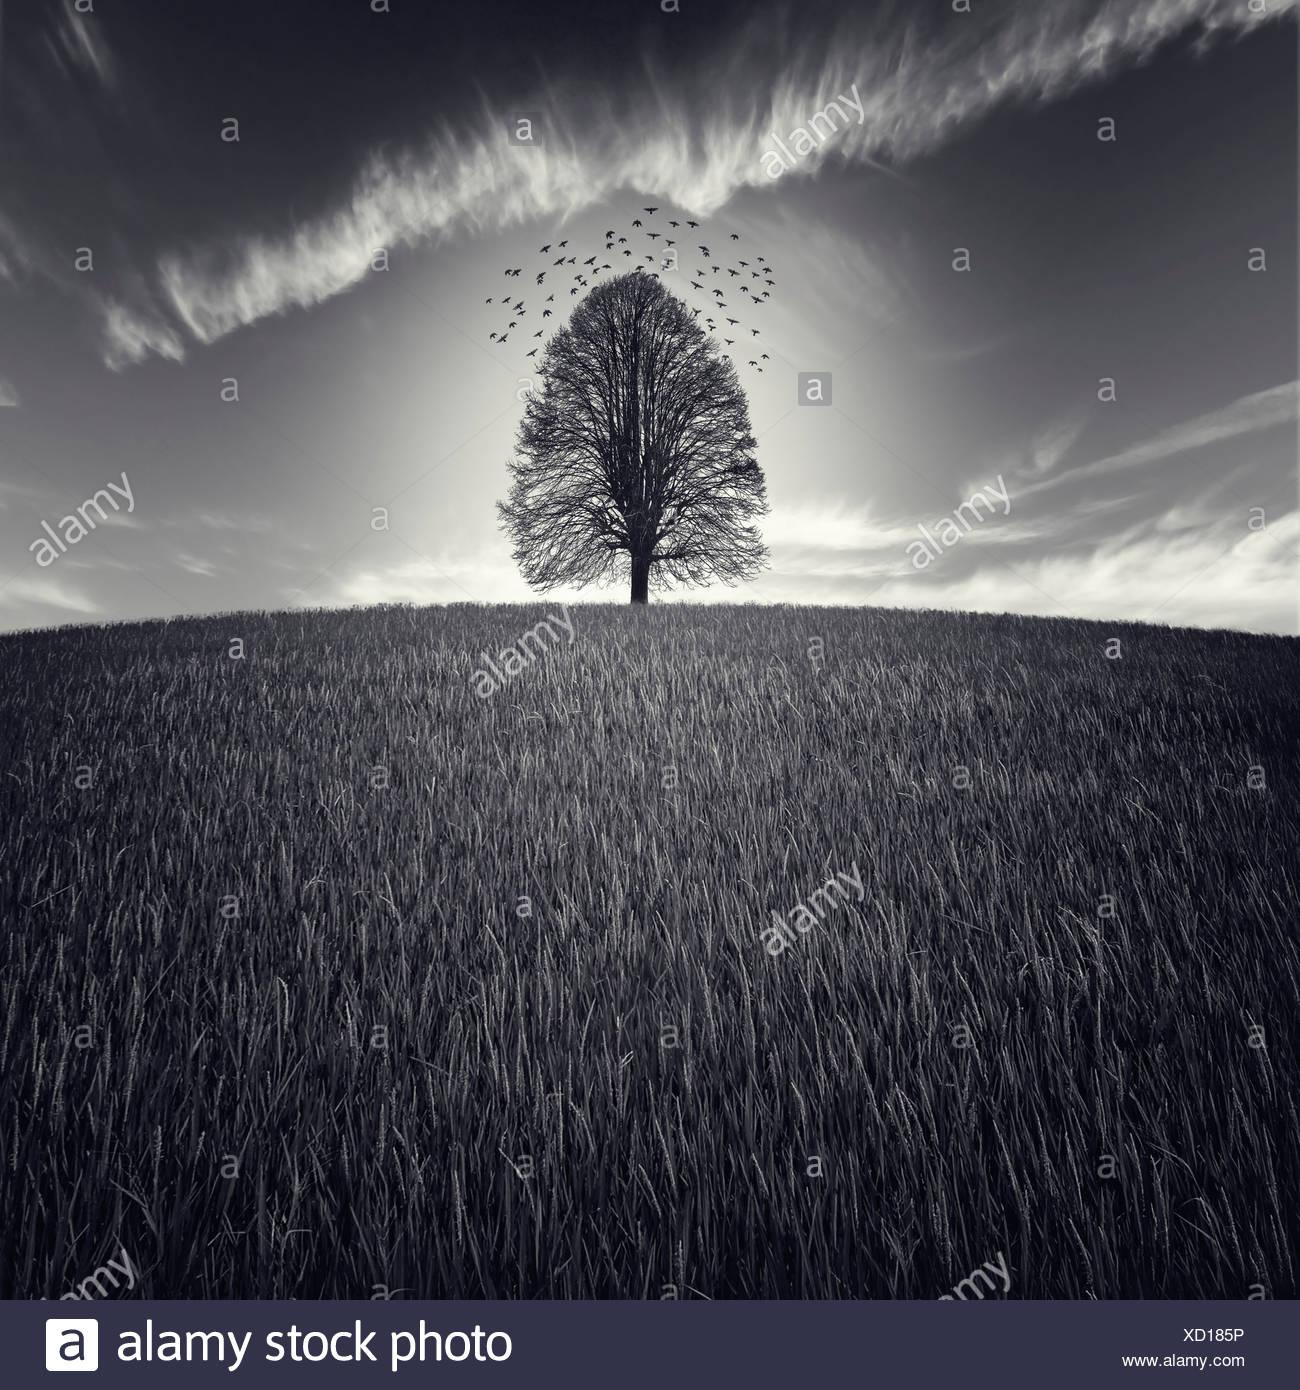 Ein einzelner Baum in ein großes Feld mit Vögel fliegen in den Himmel Stockbild